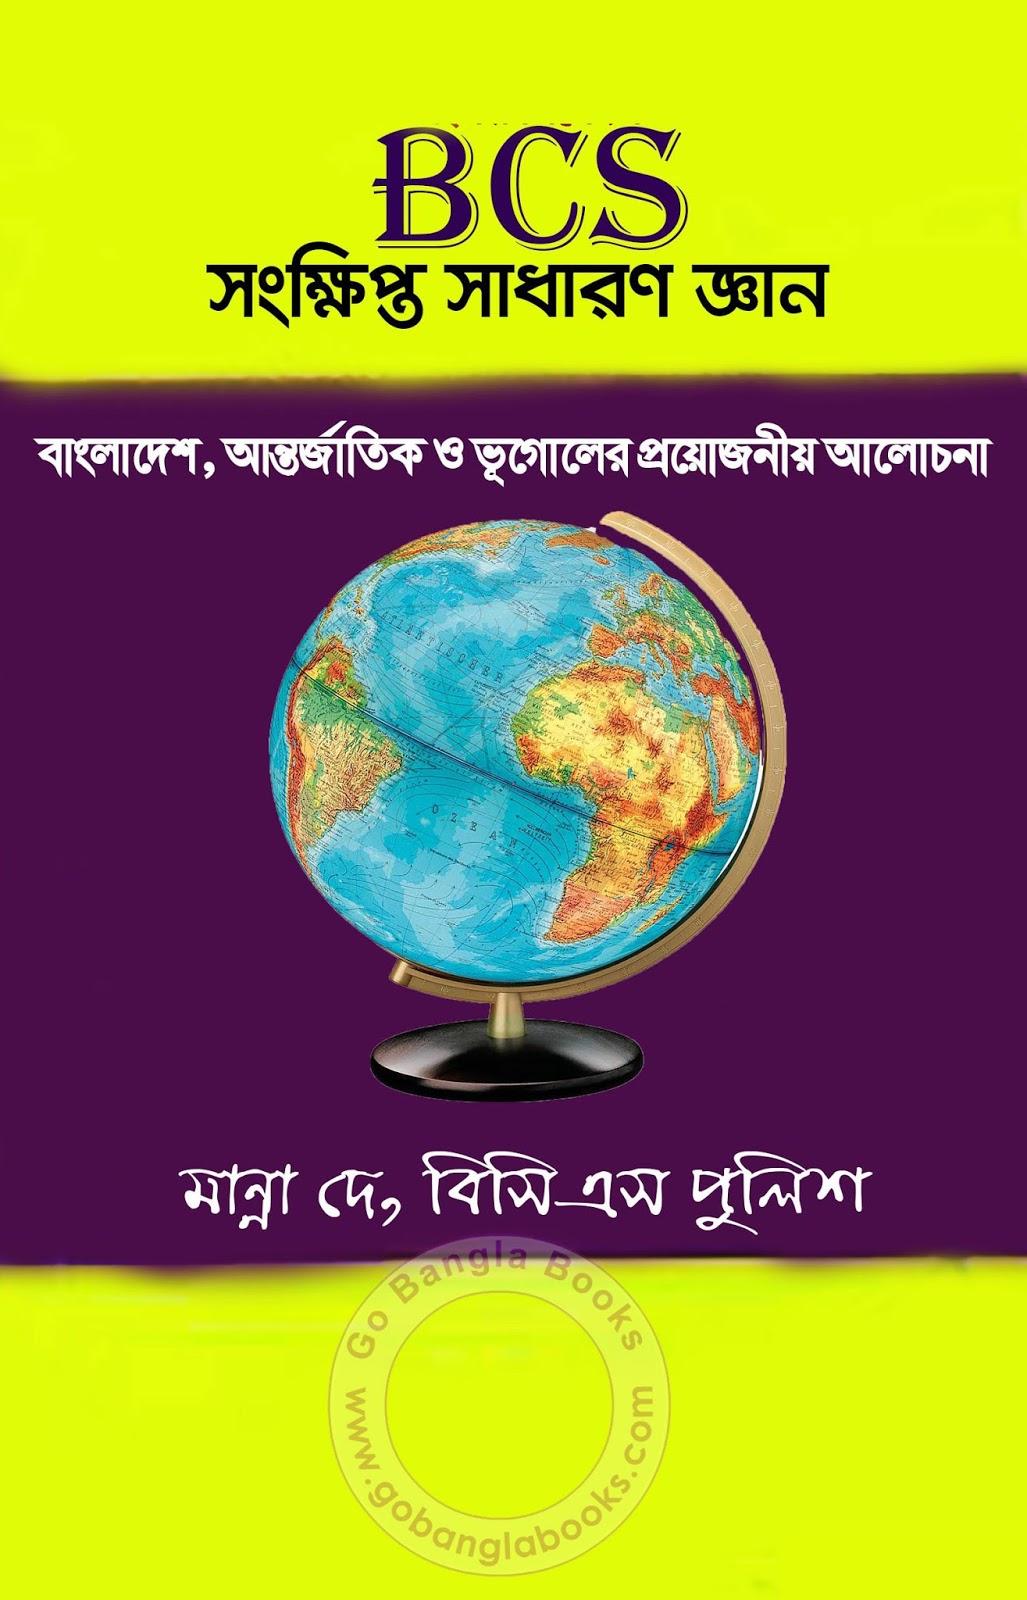 BCS Short General Knowledge by Manna Dey & Nadim - PDF